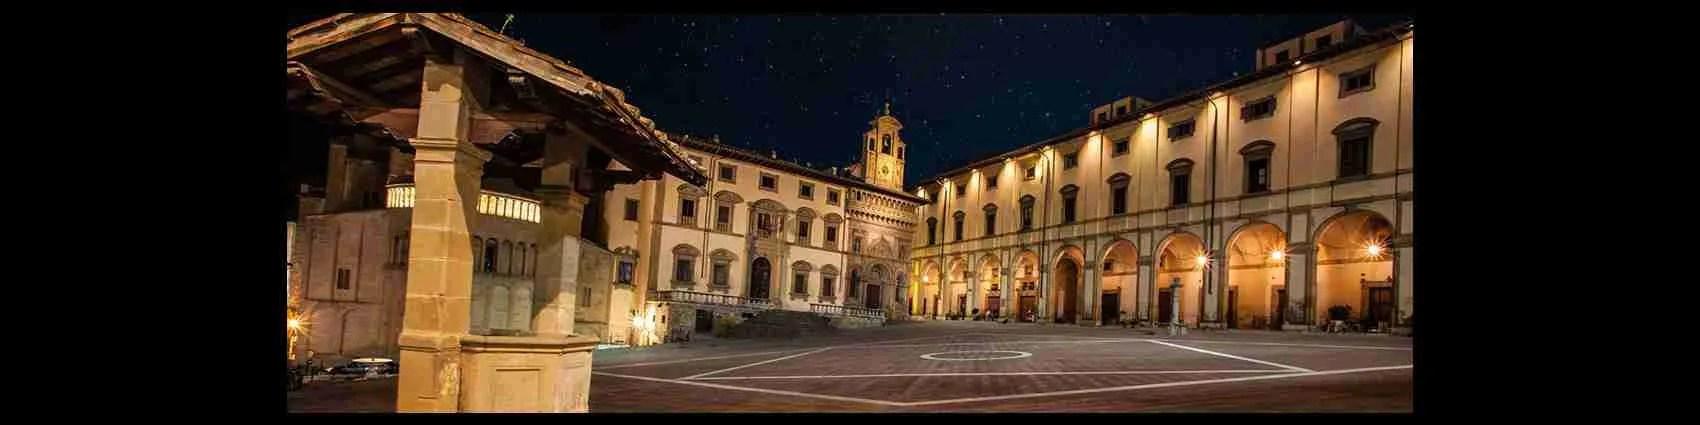 Piazza Grande ad Arezzo. Il punto di ritrovo per escort ed accompagnatrici. Magica Escort